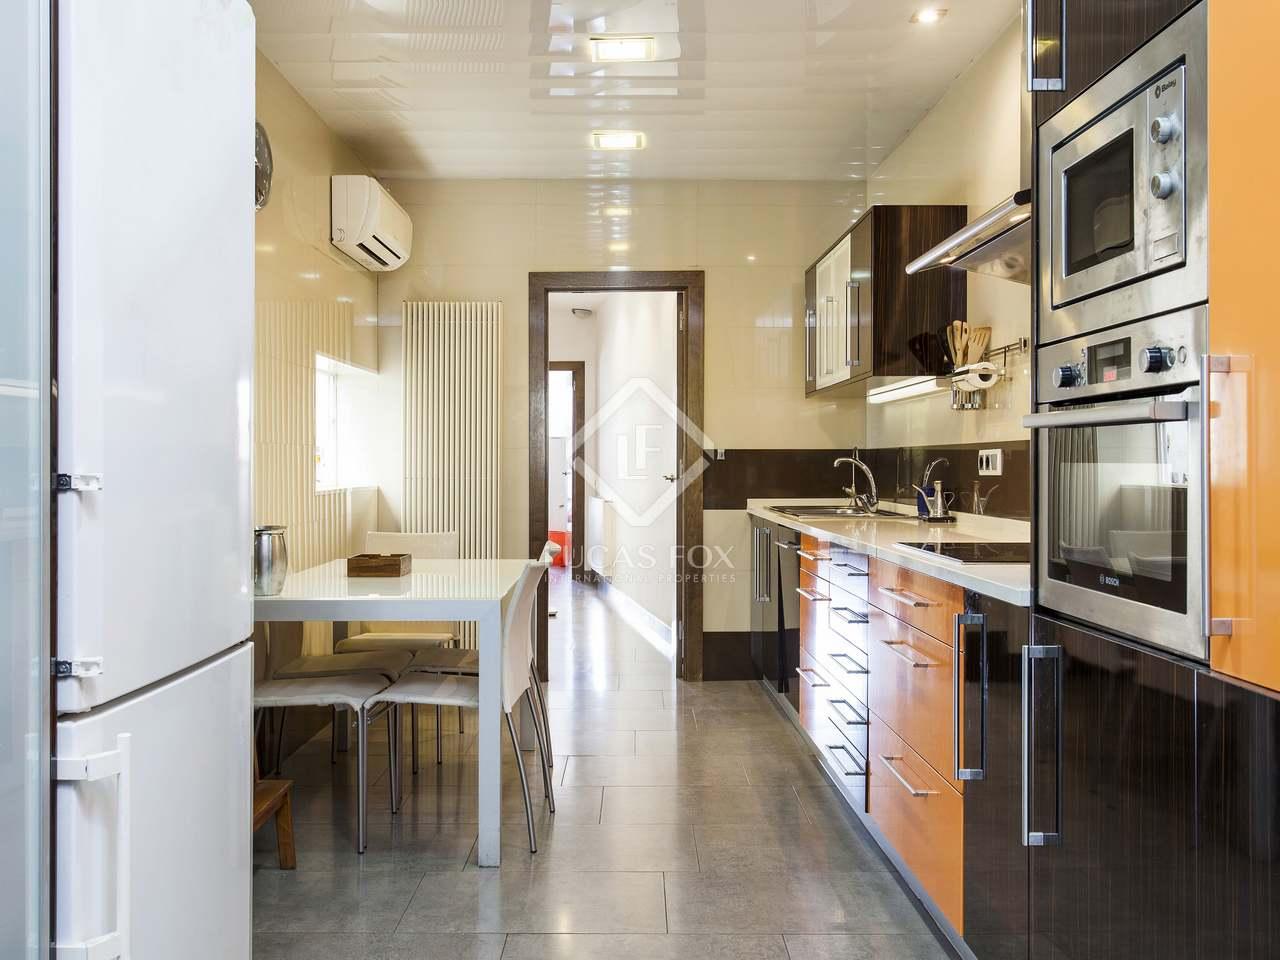 128m wohnung mit 113m terrasse zum verkauf in g tico. Black Bedroom Furniture Sets. Home Design Ideas